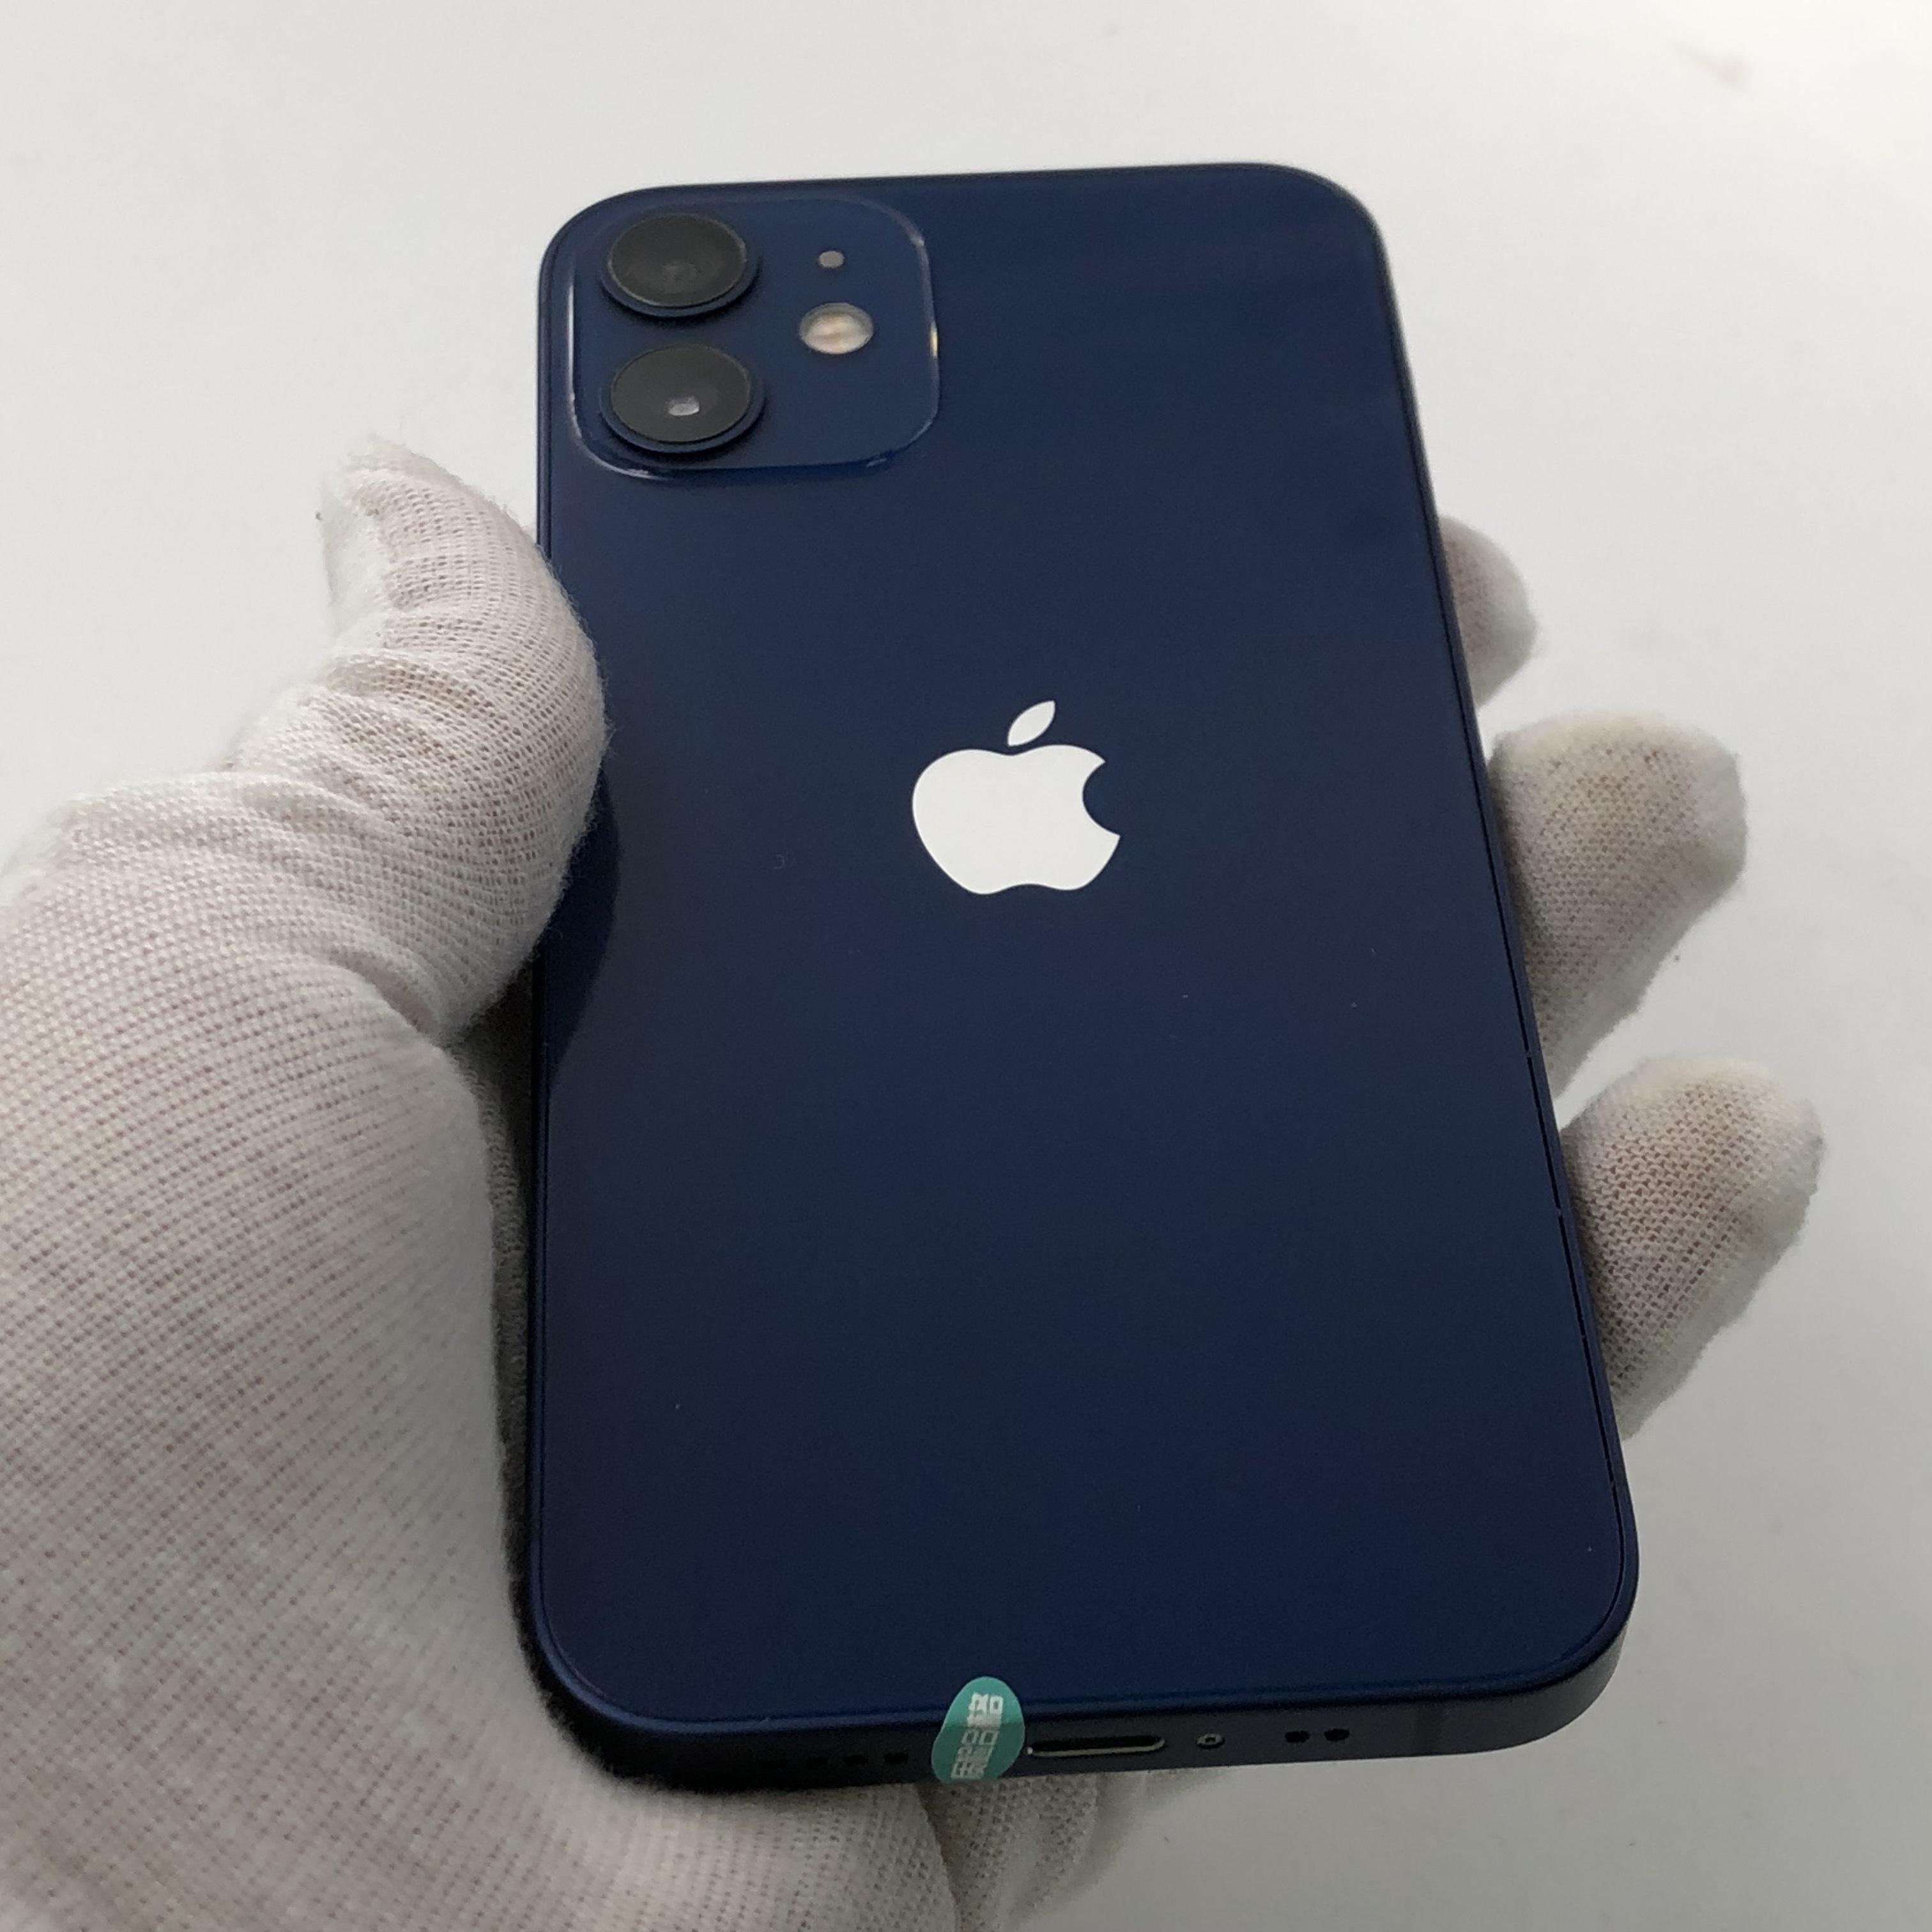 苹果【iPhone 12 mini】5G全网通 蓝色 128G 国行 99新